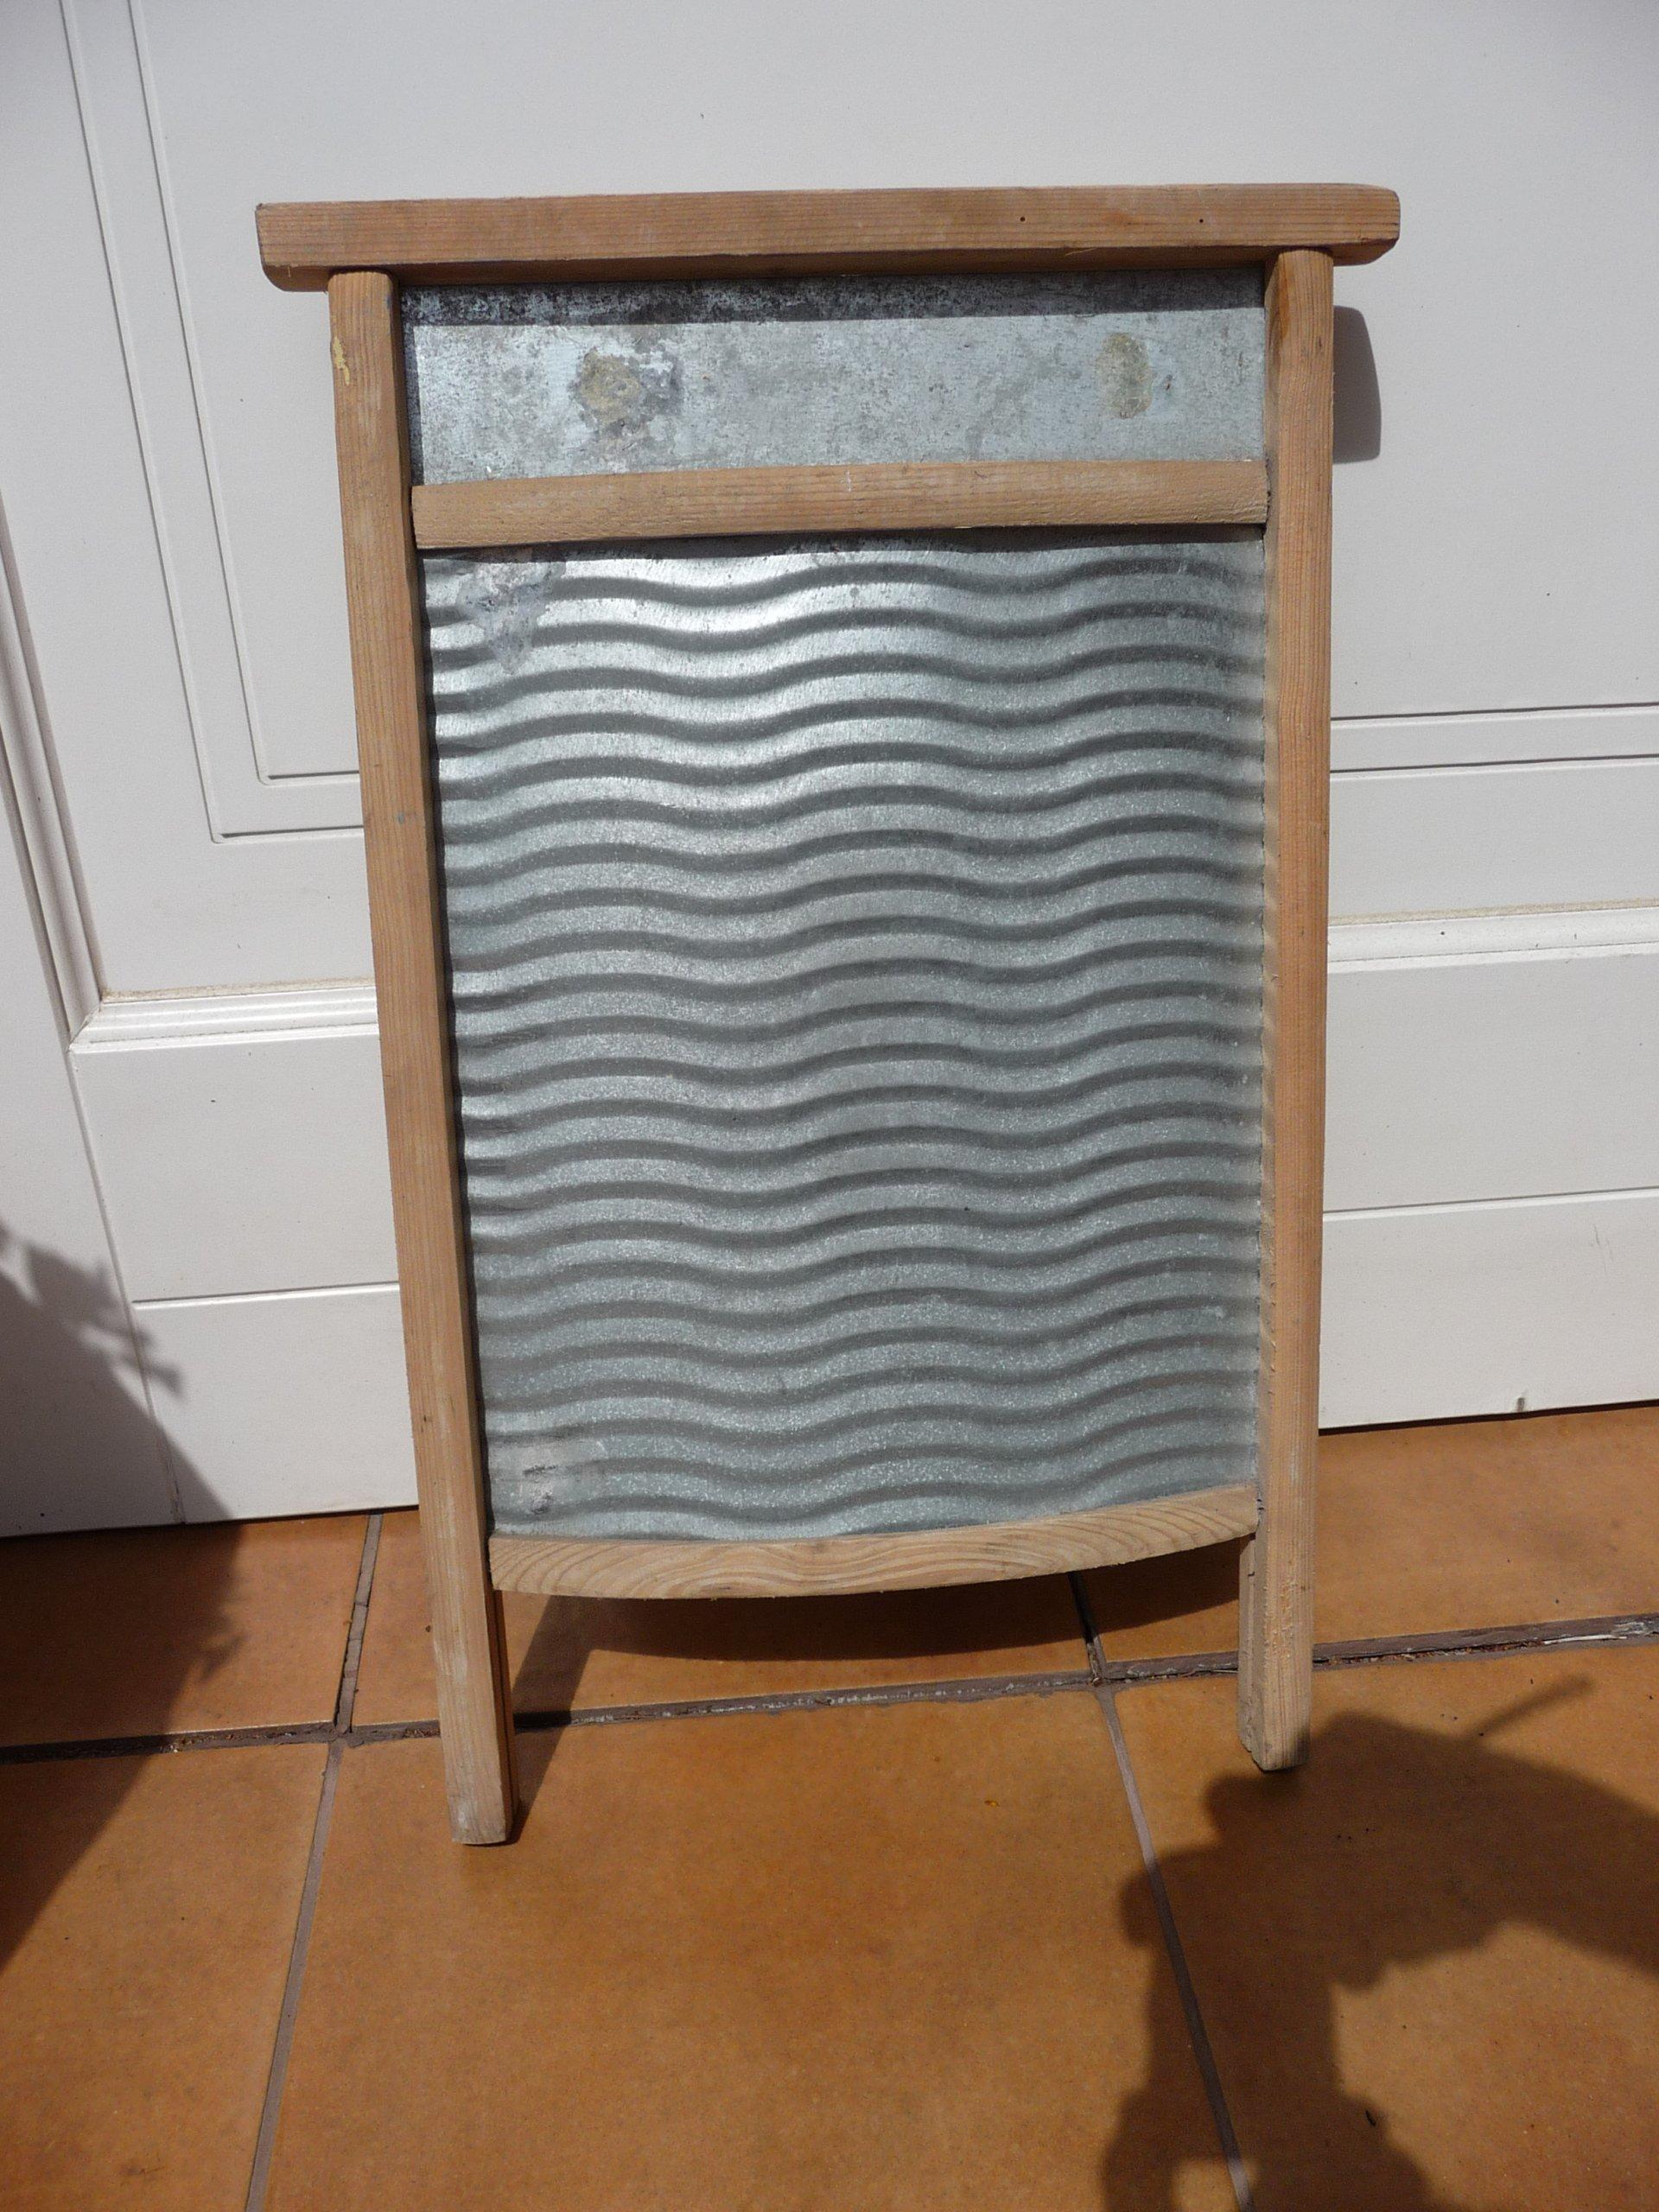 Wspaniały mała drewnianometalowa tara do prania, starocie - 7352815080 FJ43